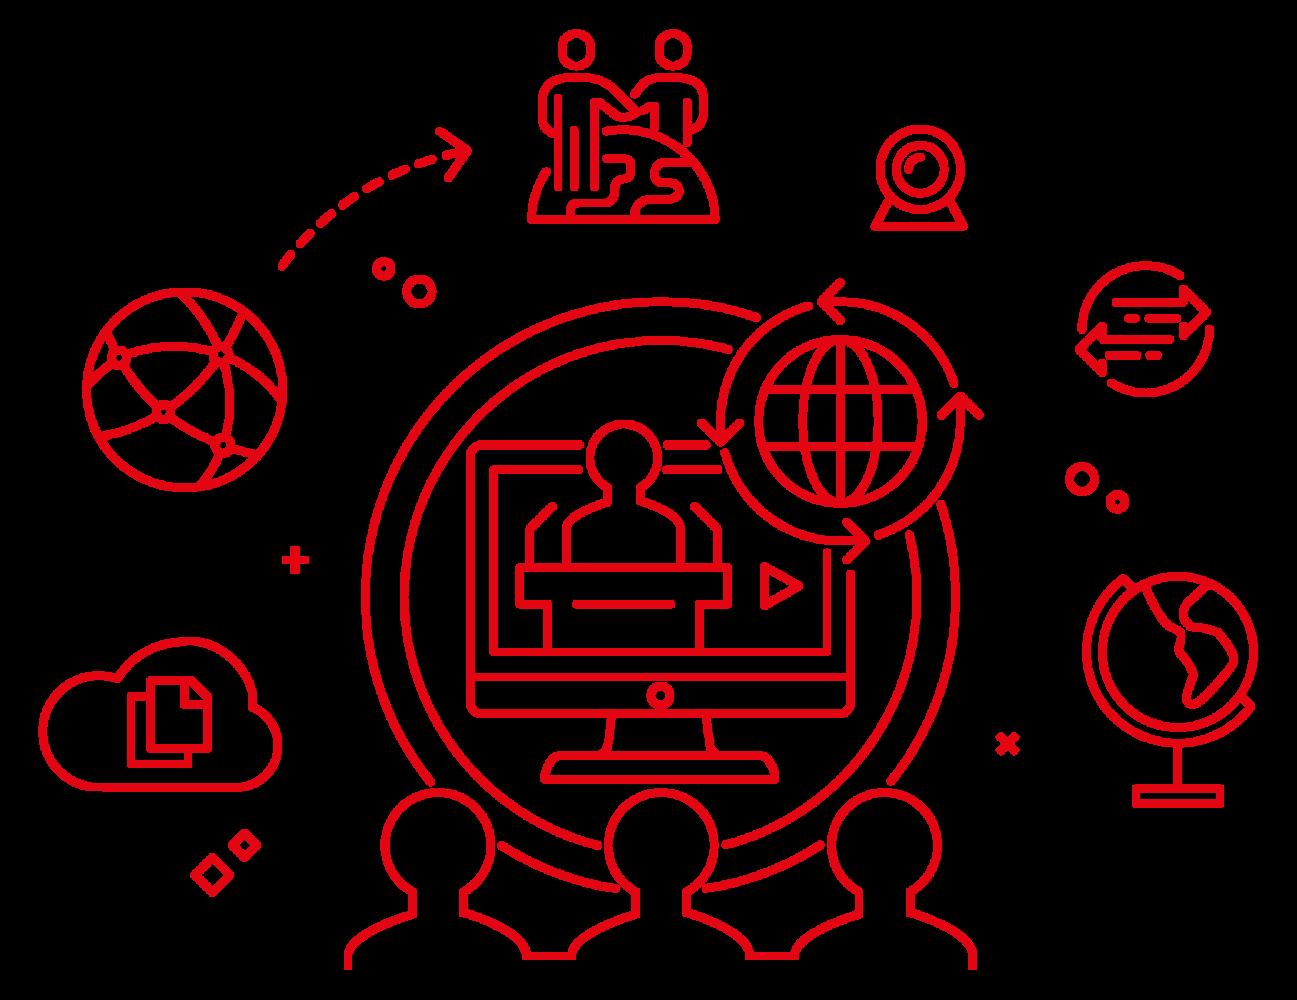 kat-kreativwirtschaftswebinar-2018-sujet-gross